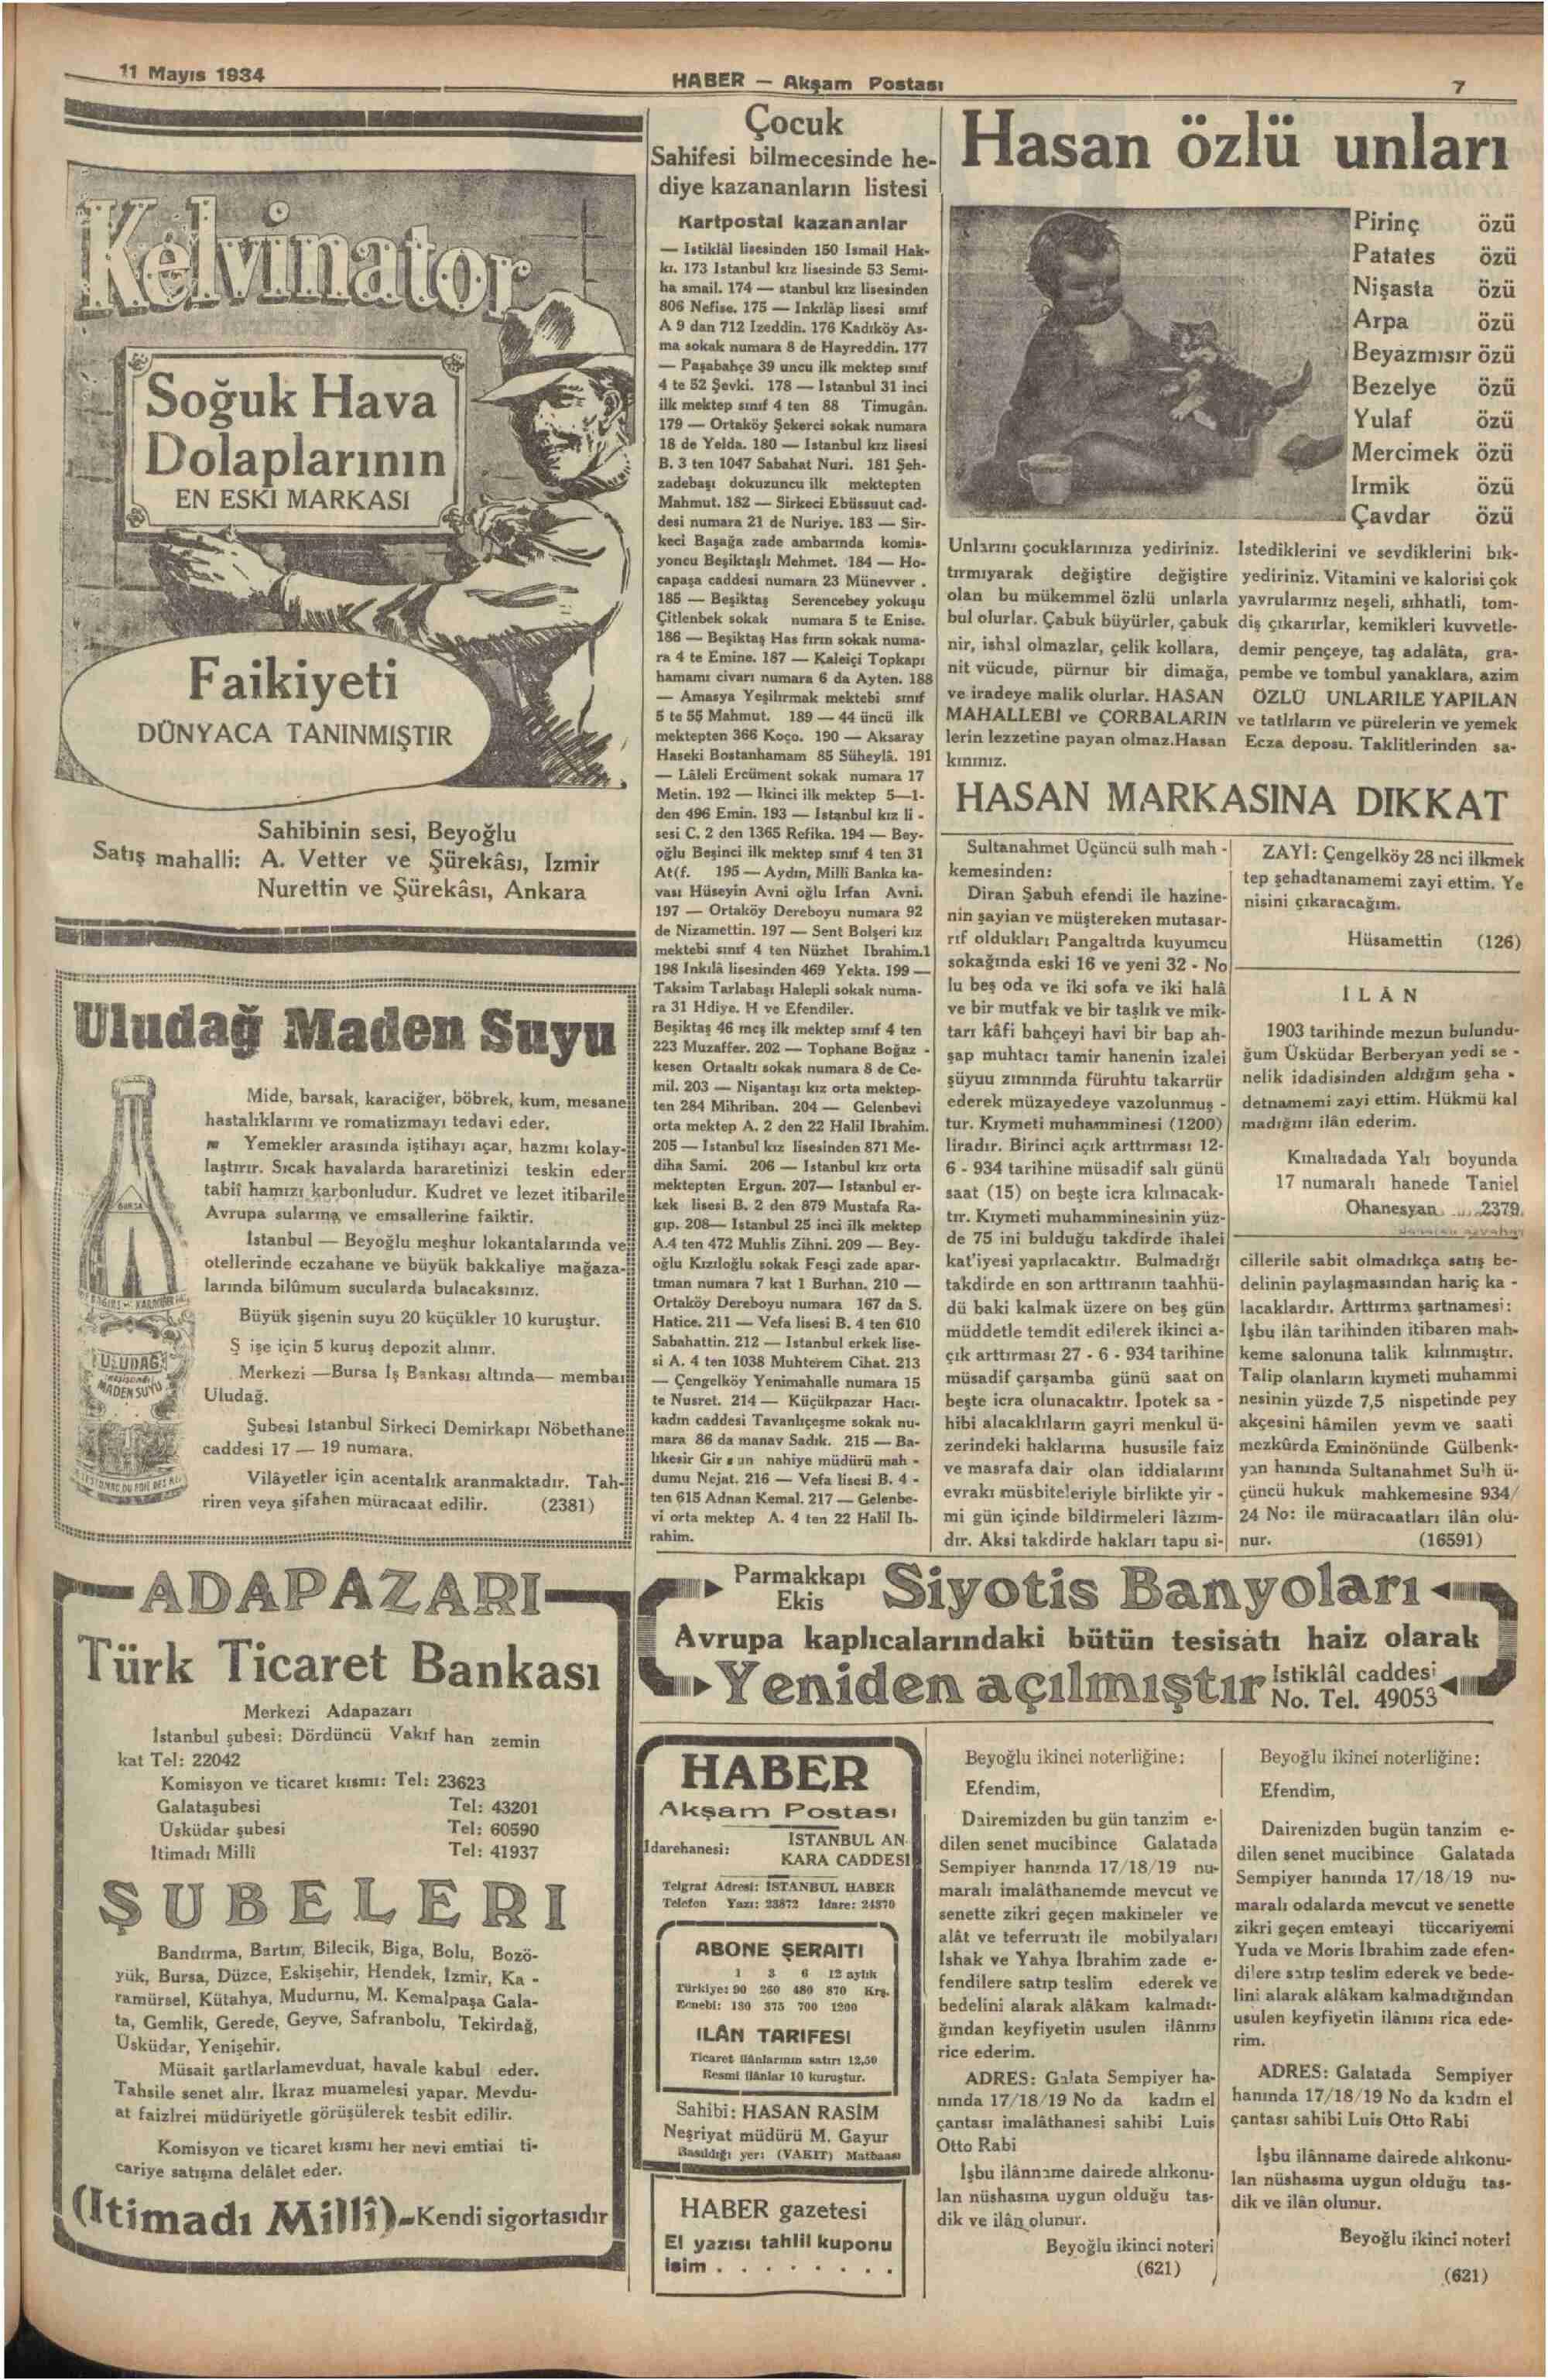 11 Mayıs 1934 Tarihli Haber Dergisi Sayfa 7